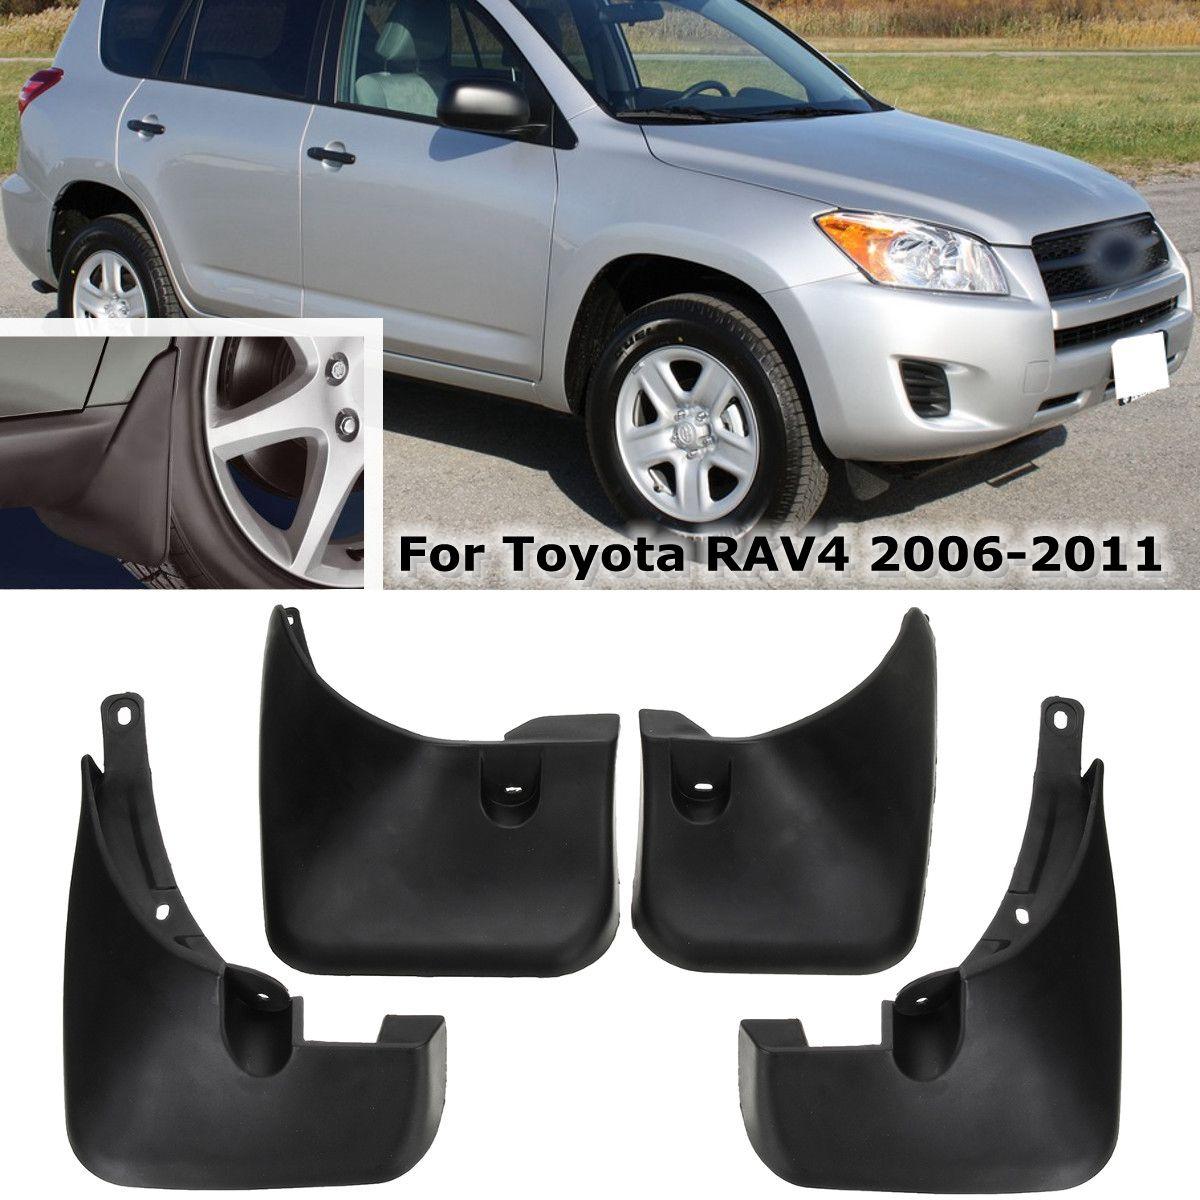 Araba çamur Flaps Splash muhafızları çamurluklar çamurluk çamurluklar aksesuarları Toyota RAV4 2006 2007 2008 2009 2010 2011 2012